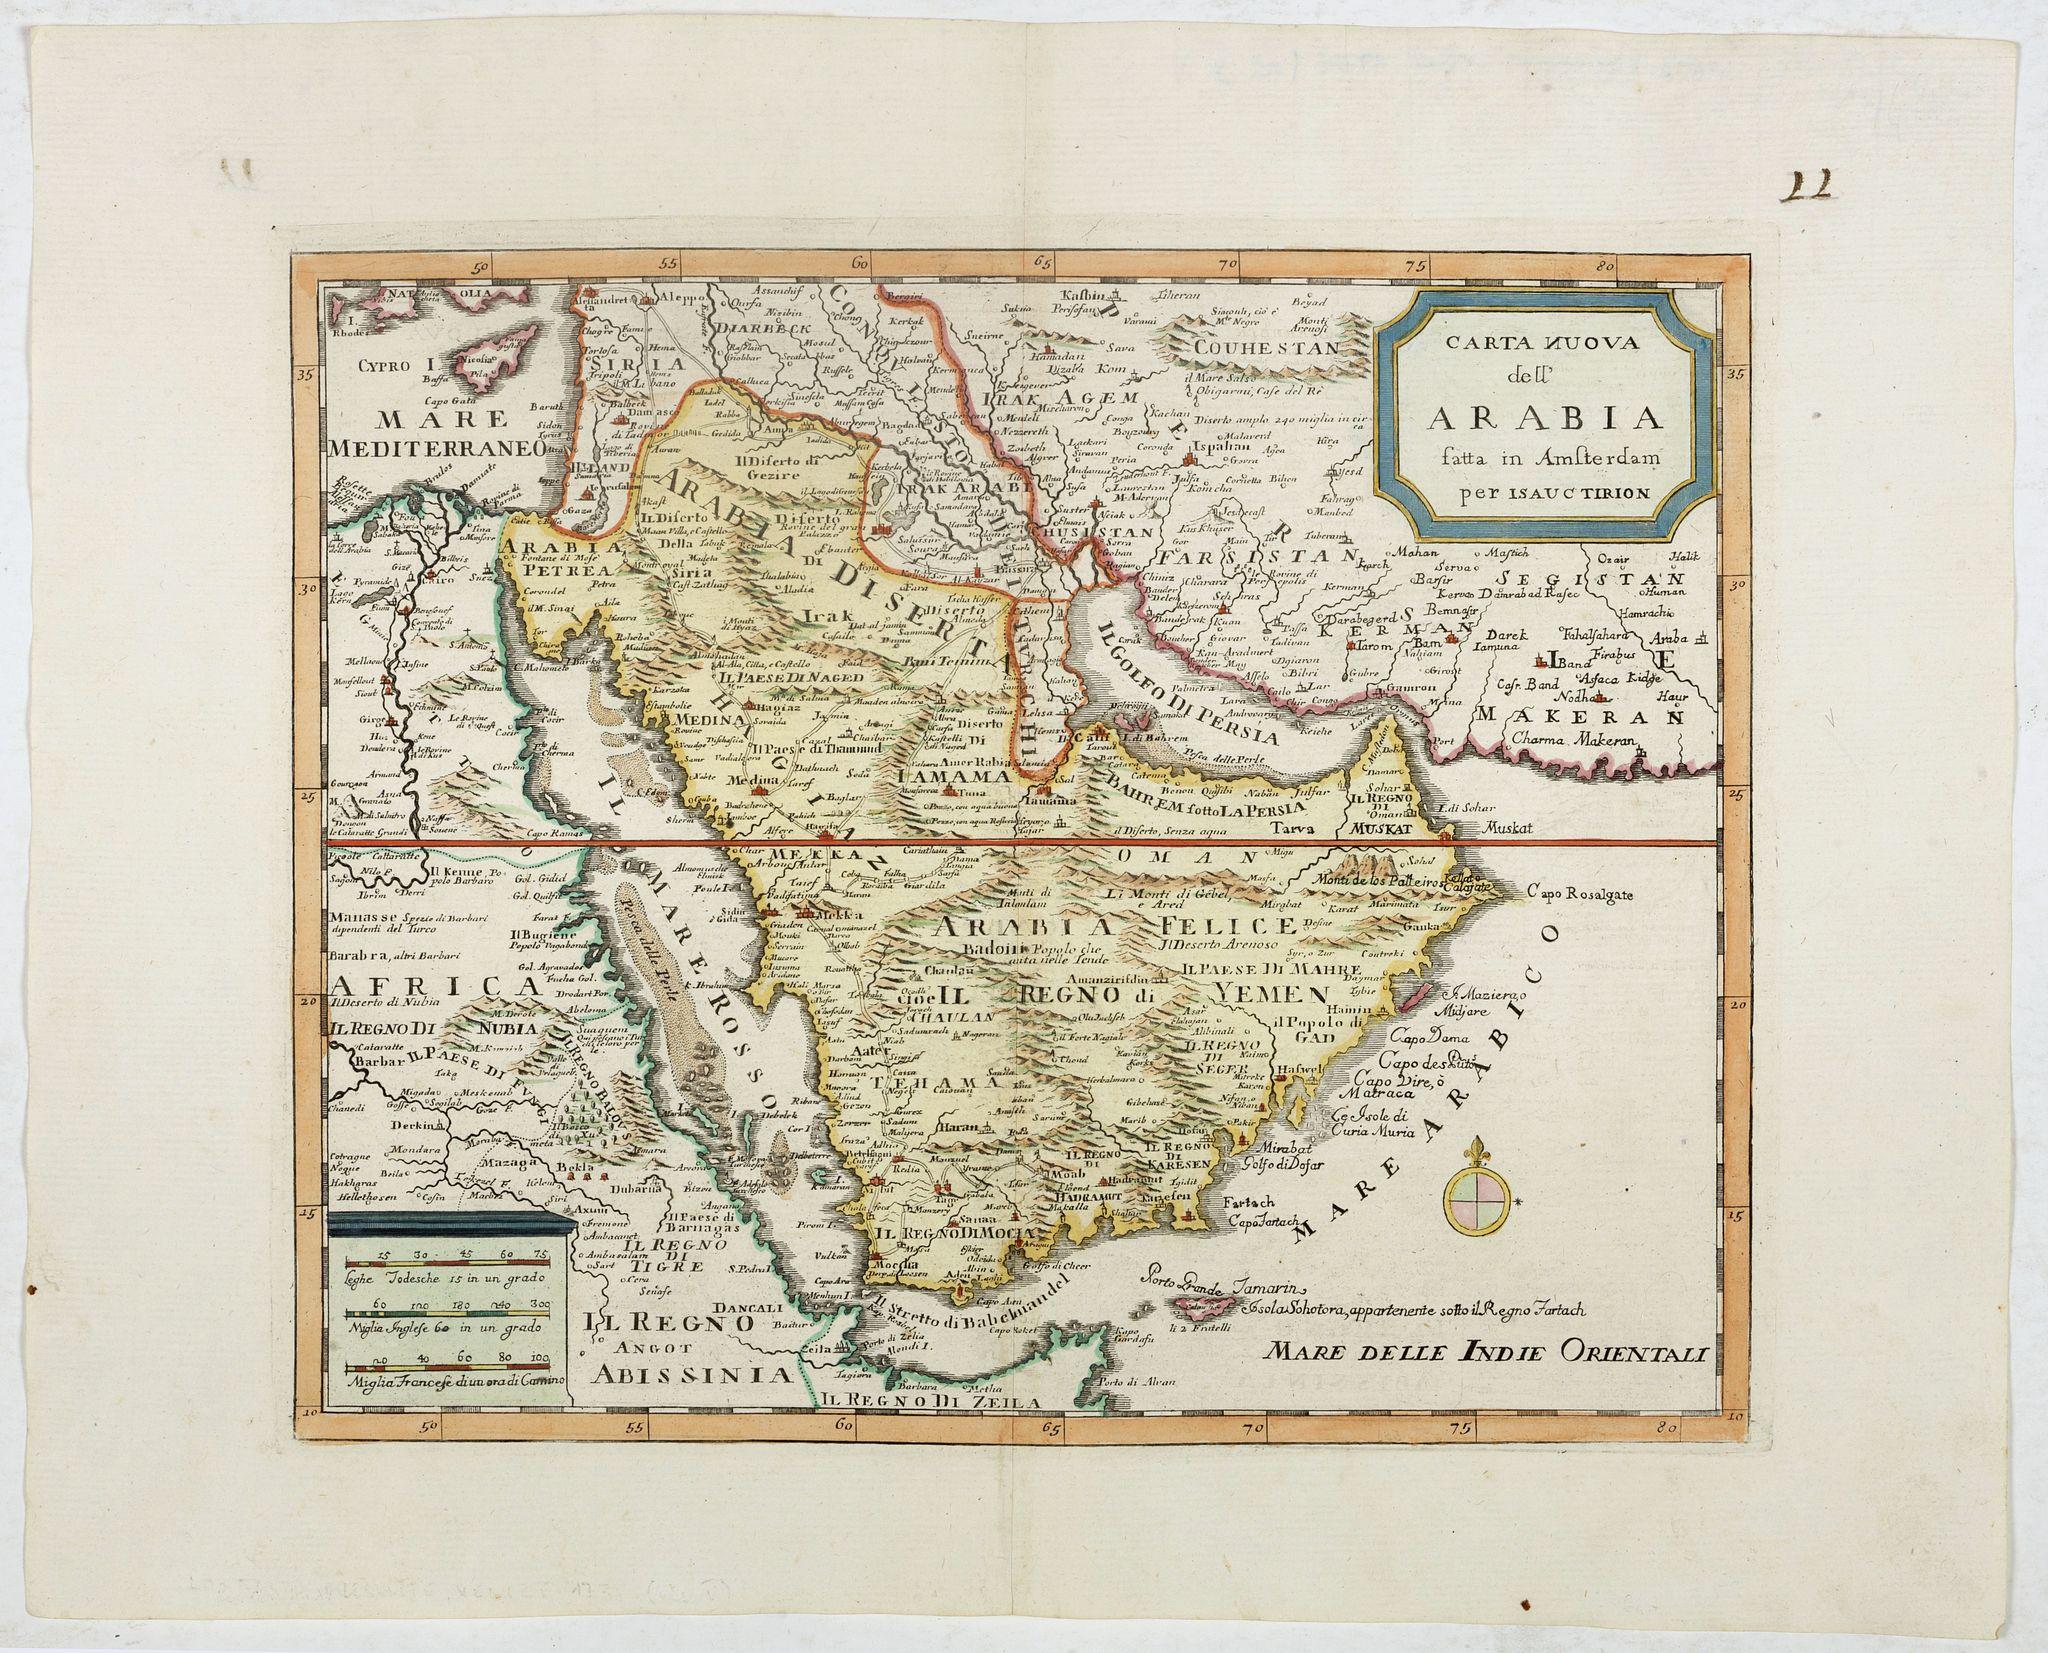 Old Map By ALBRIZZI Carta Nuova Dell Arabia Fatta In Amsterdam - Amsterdam old map